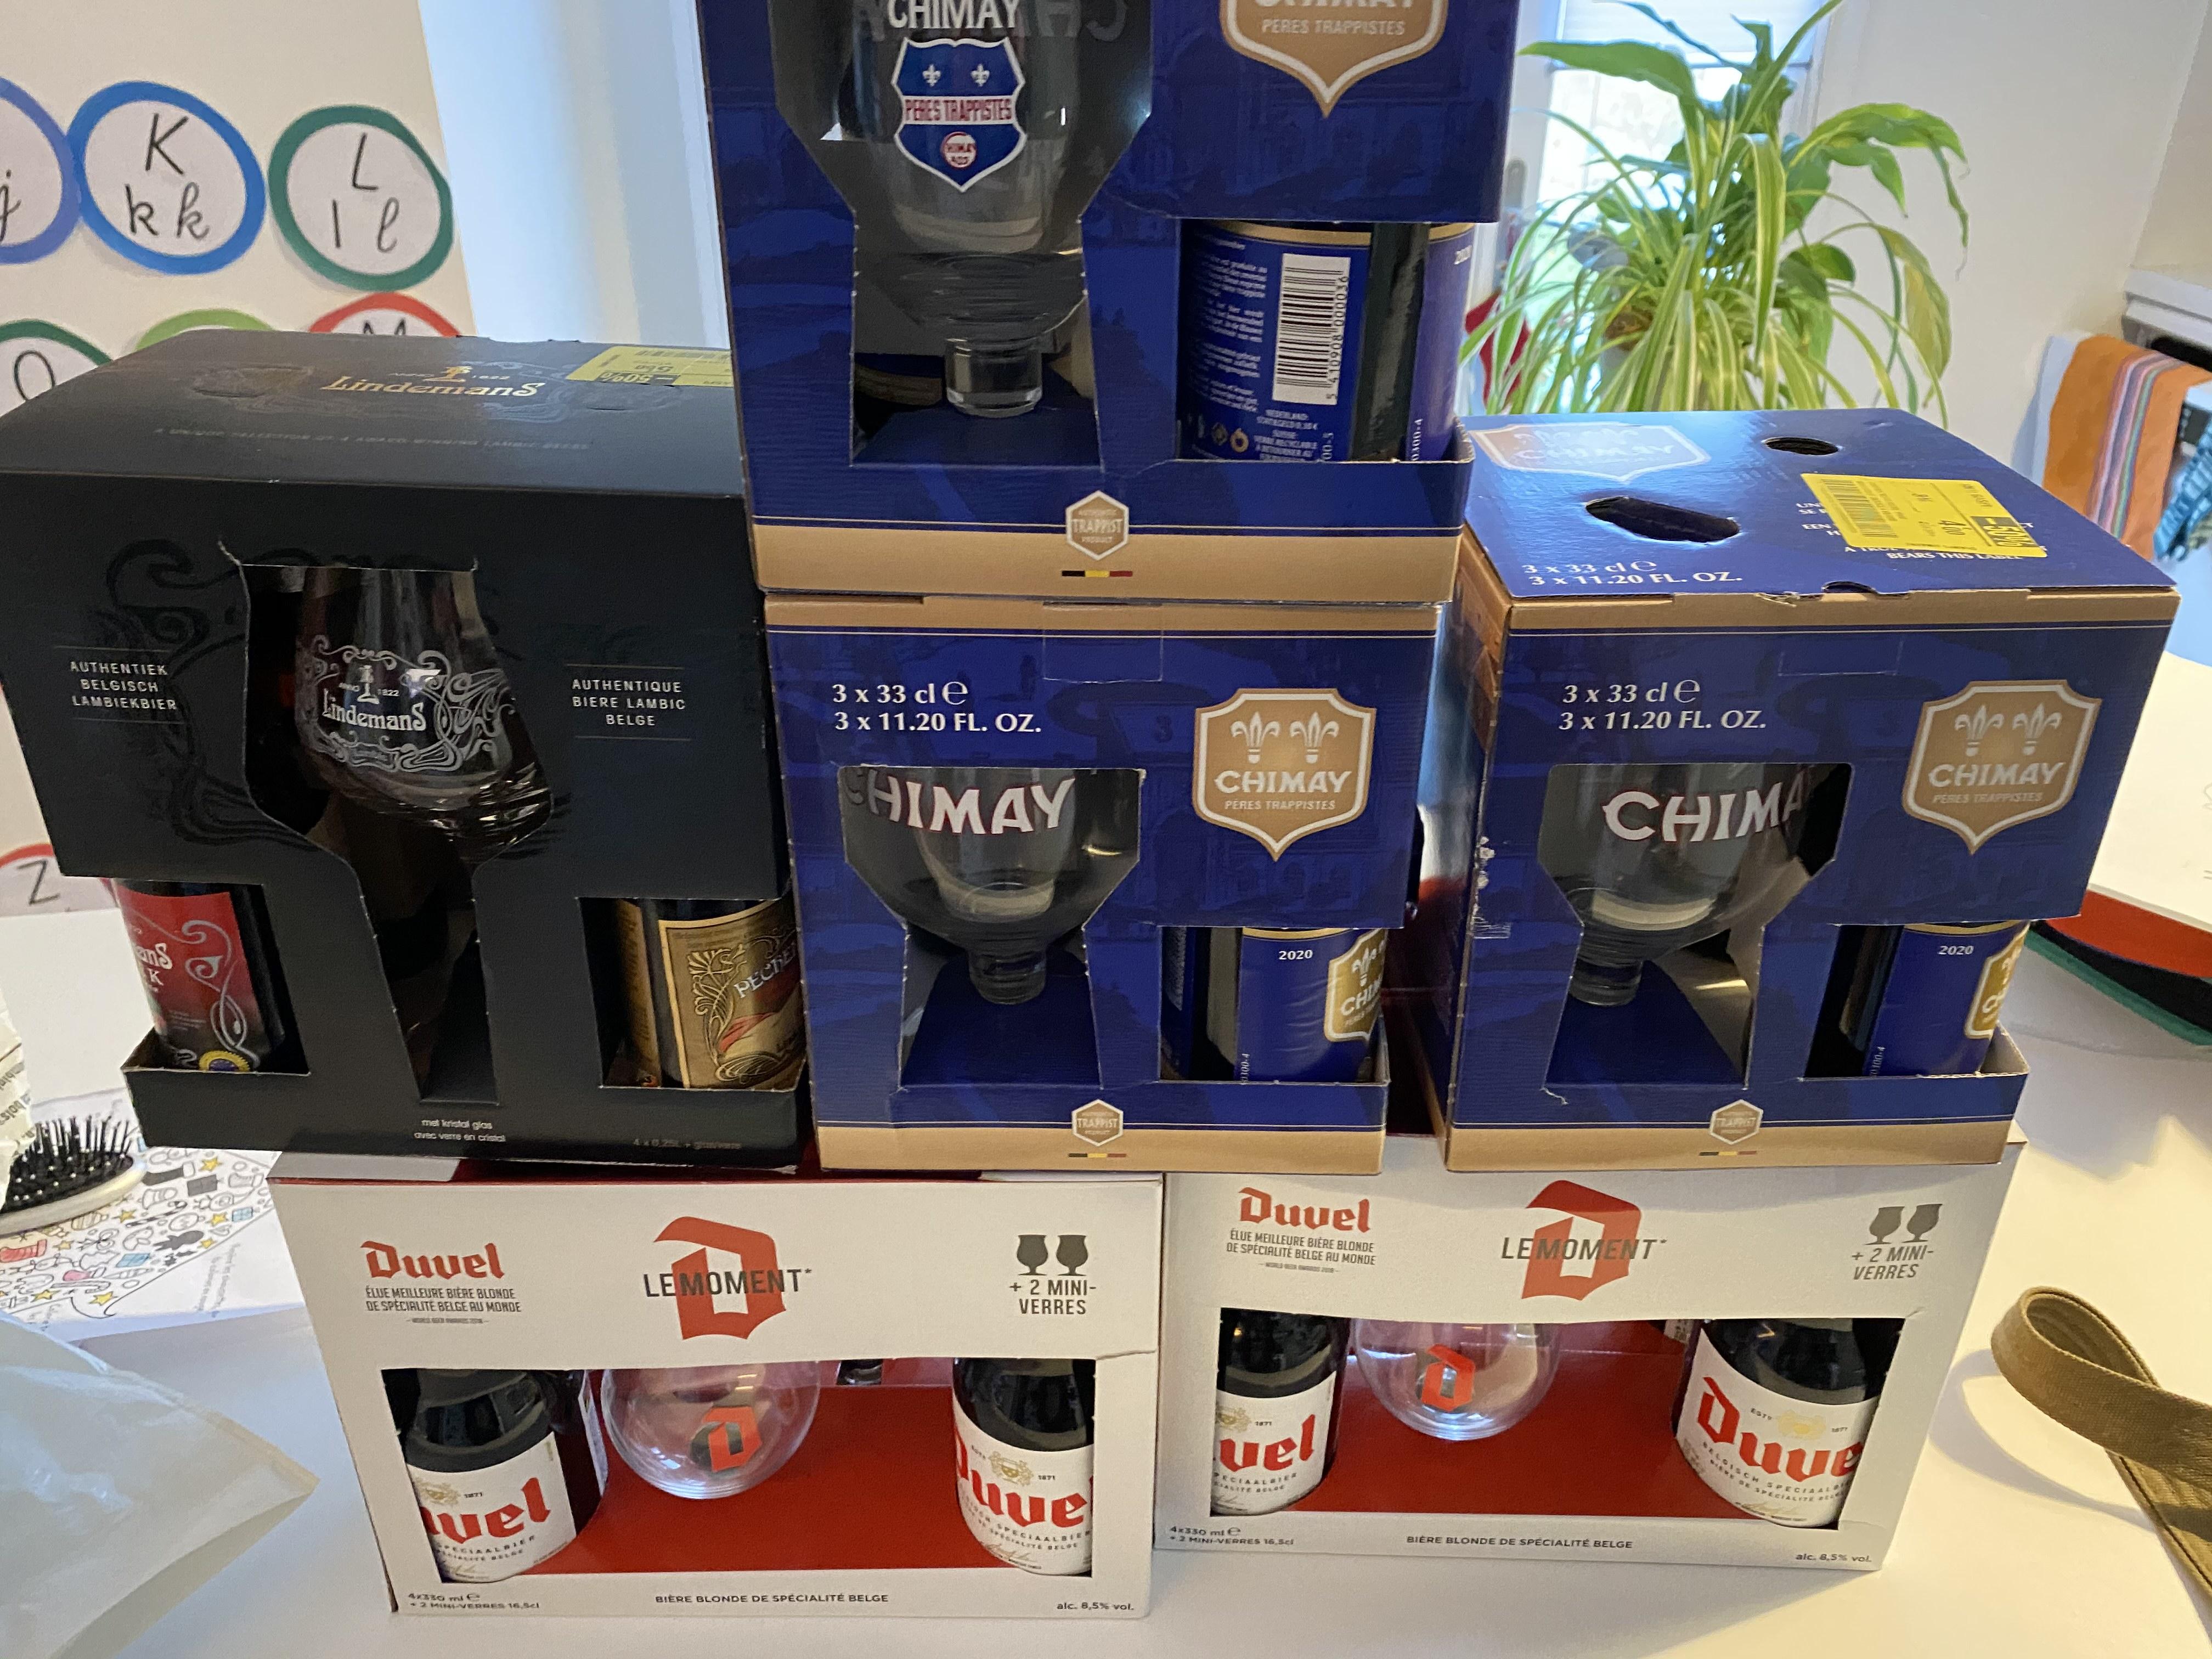 Sélection de bières en promotion - Ex : pack de 3 bières Chimay Bleu + verre - Champs-sur-Marne (77)